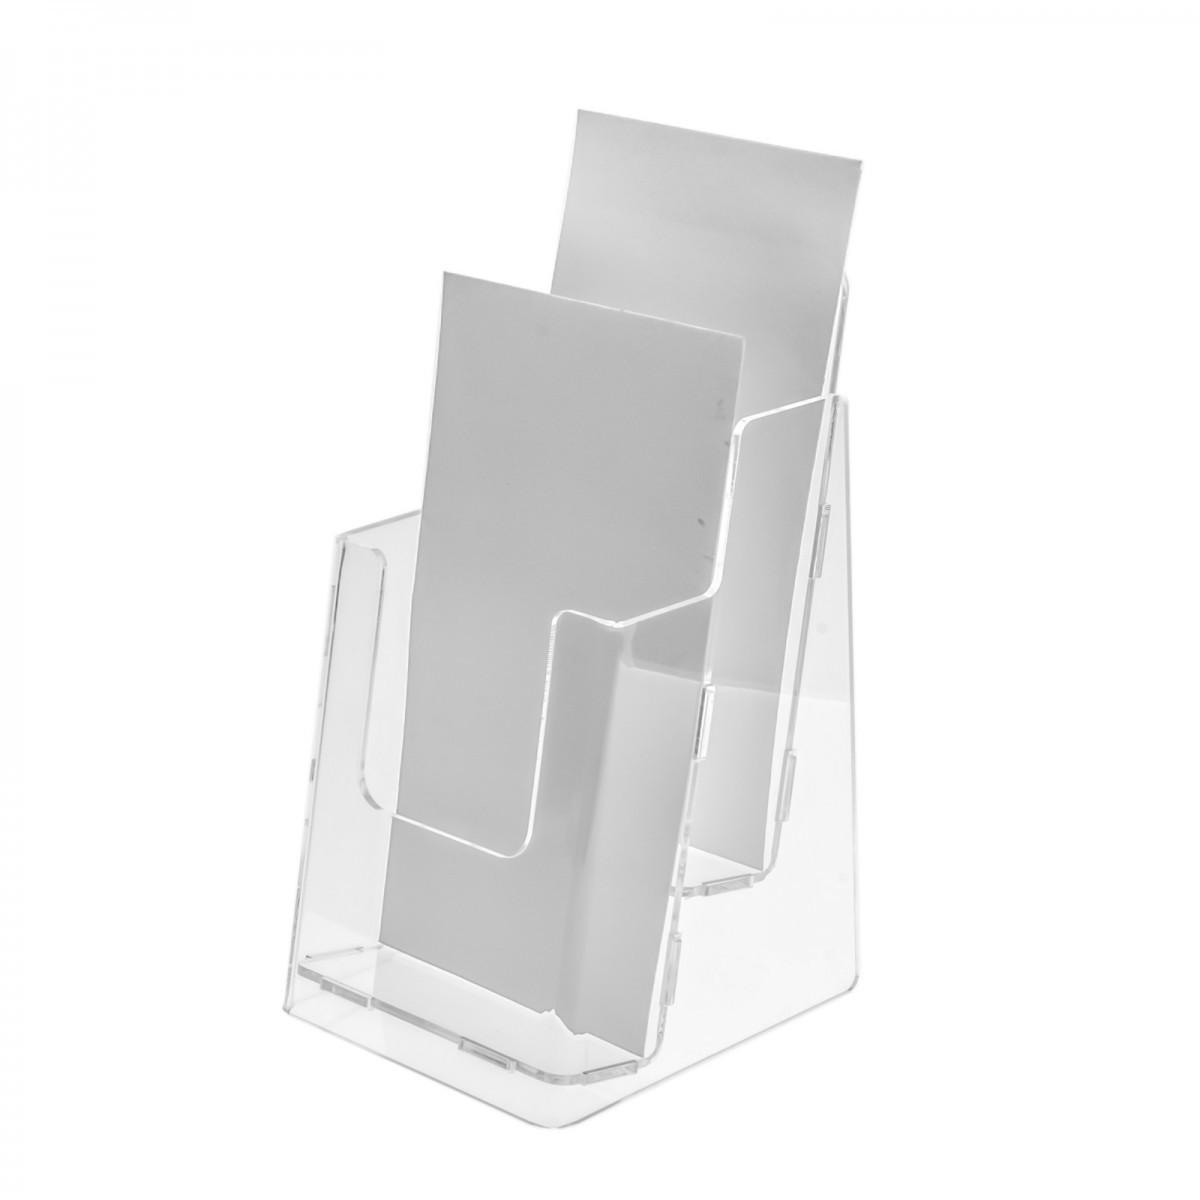 E-103 PD-1/3 A4 - Porta depliant da tavolo in plexiglass trasparente - Tasca formato 1/3 di A4